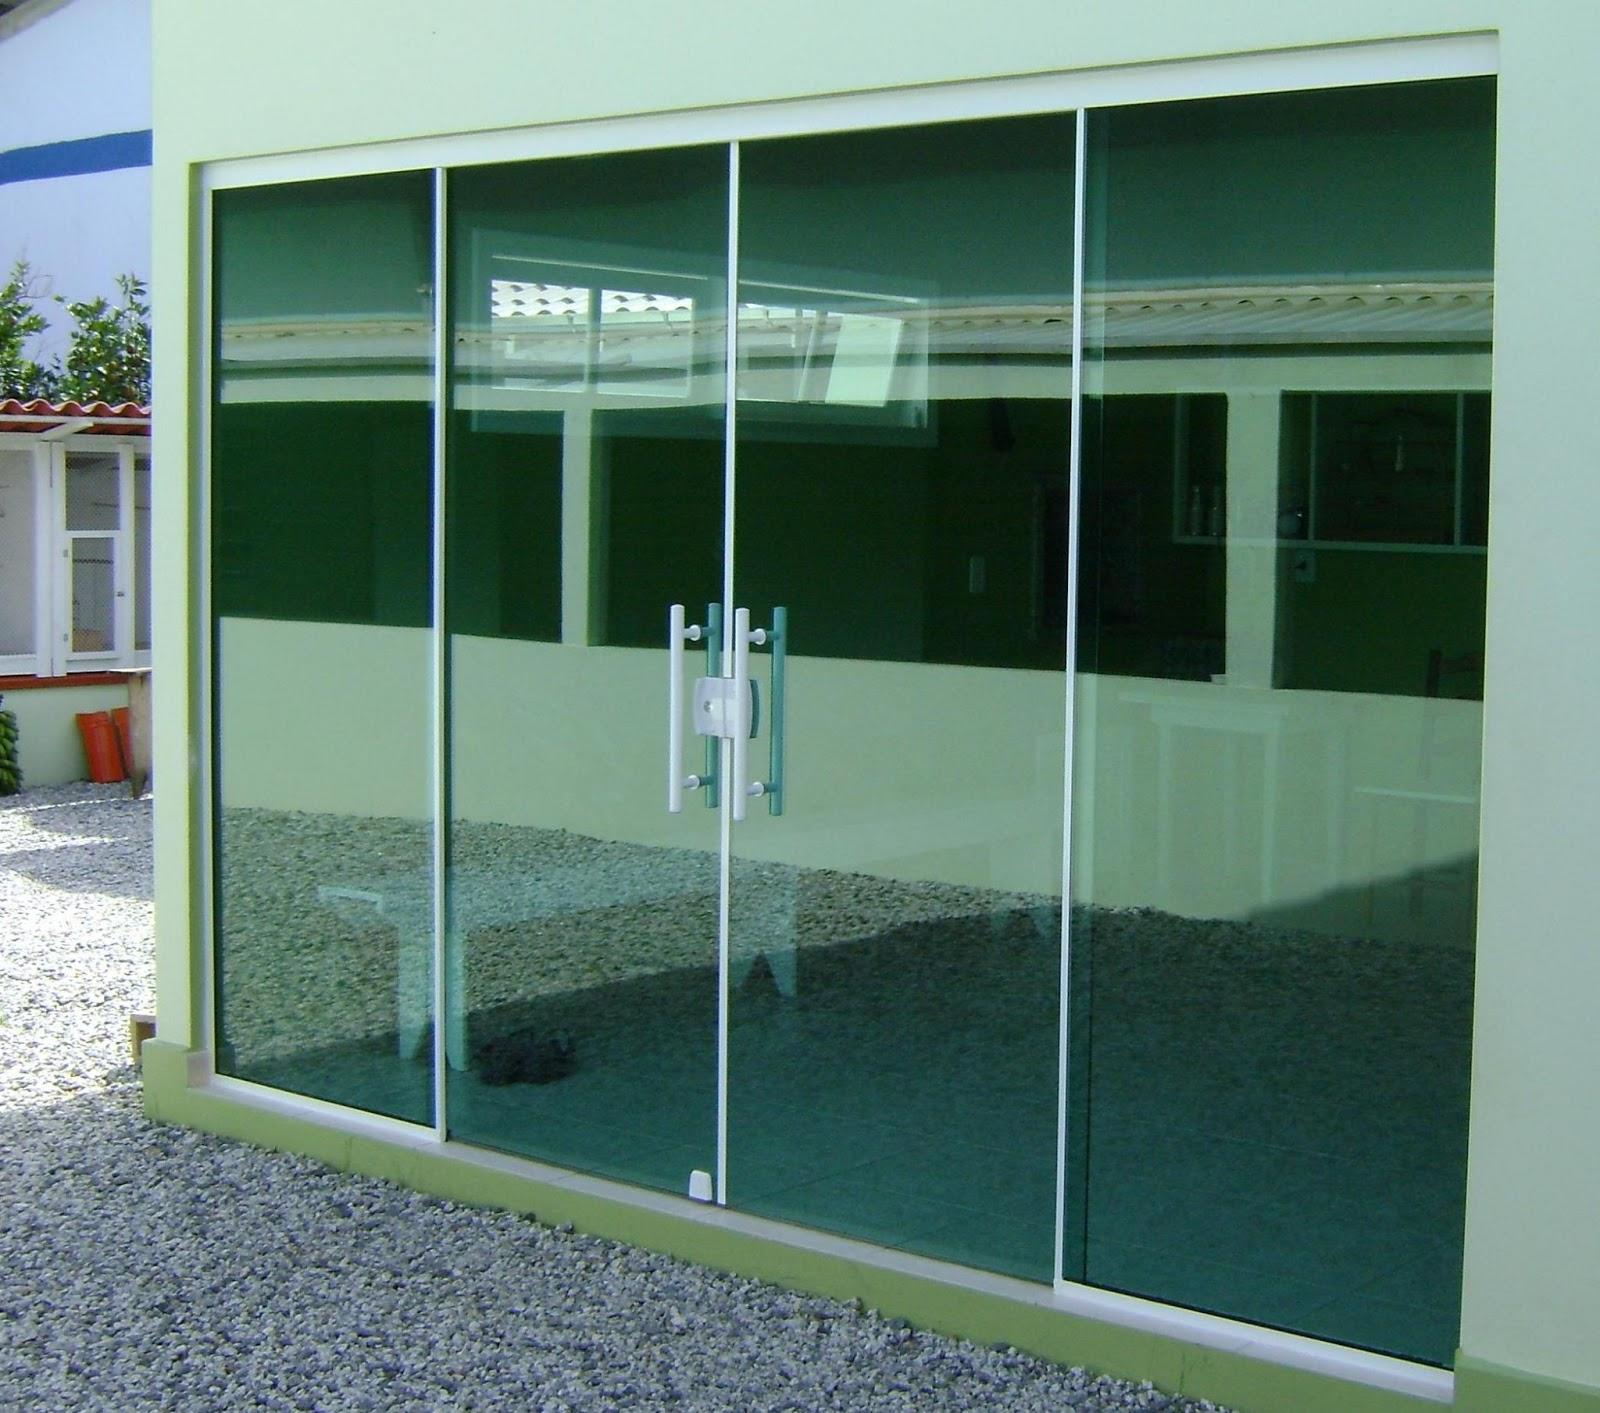 #163628 Construindo Minha Casa Clean: Película Residencial 286 Janelas De Vidro Sanfonadas